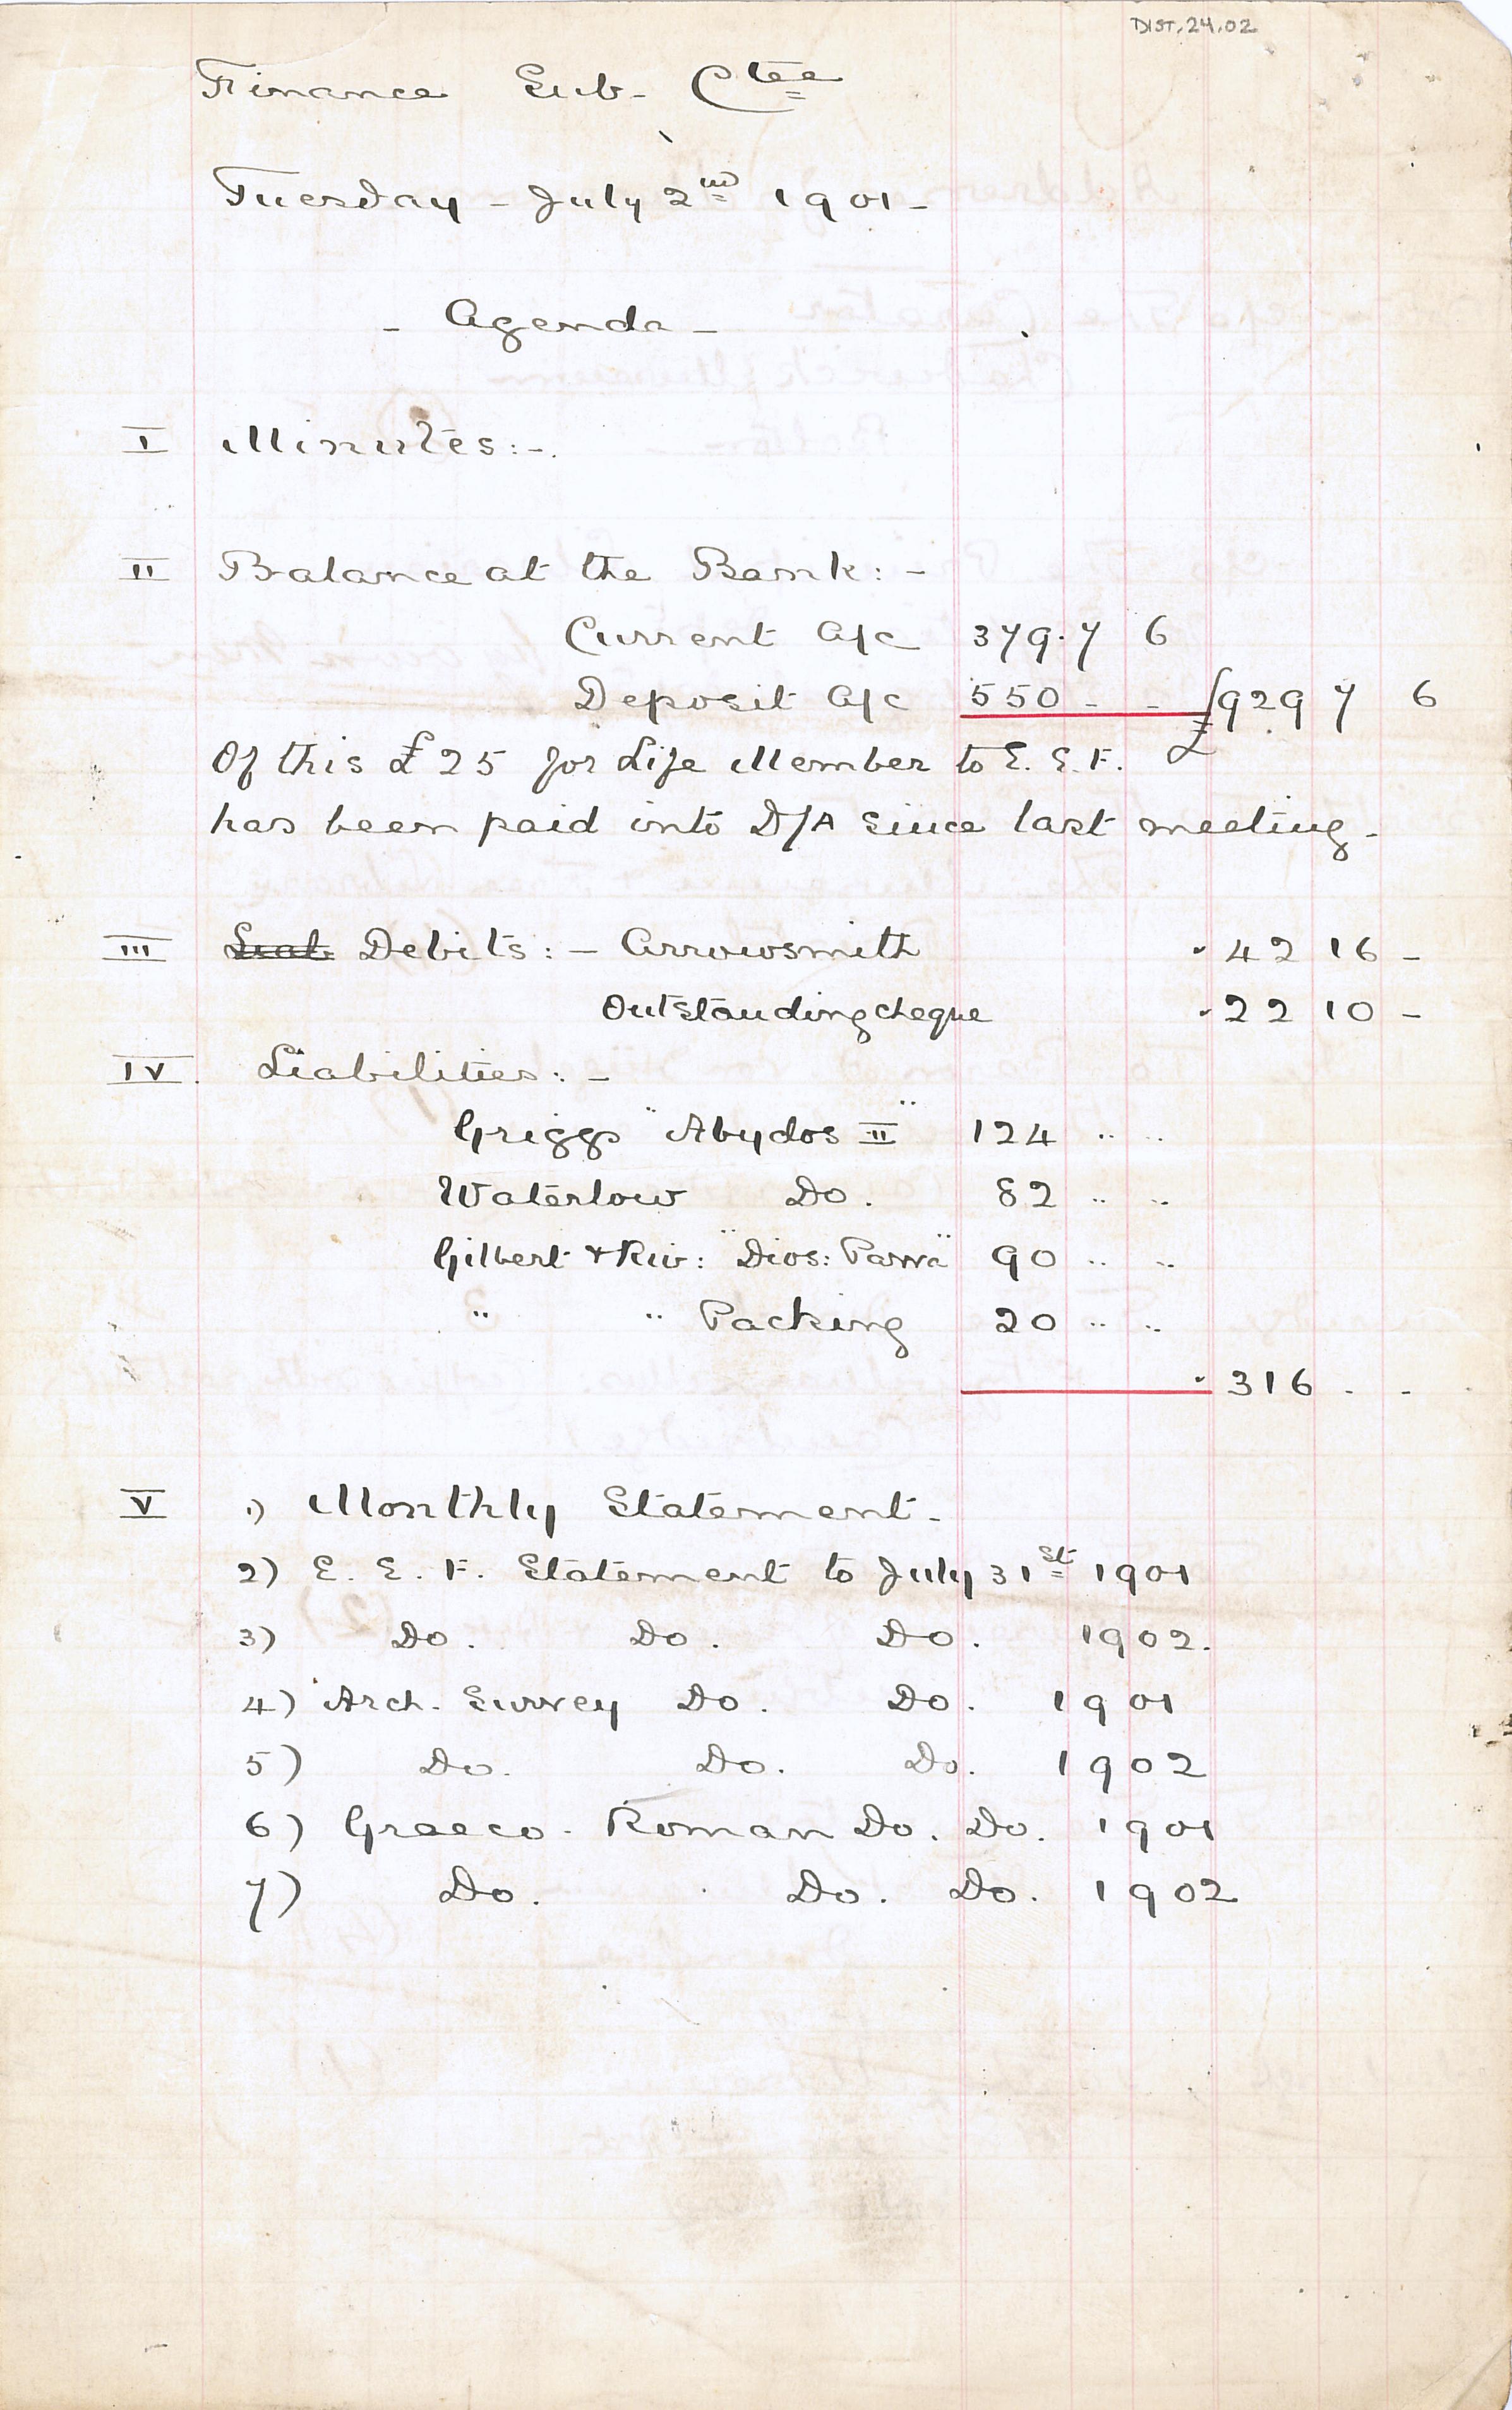 1904-05 Deir el-Bahri, Sinai, Oxyrhynchus DIST.24.02a